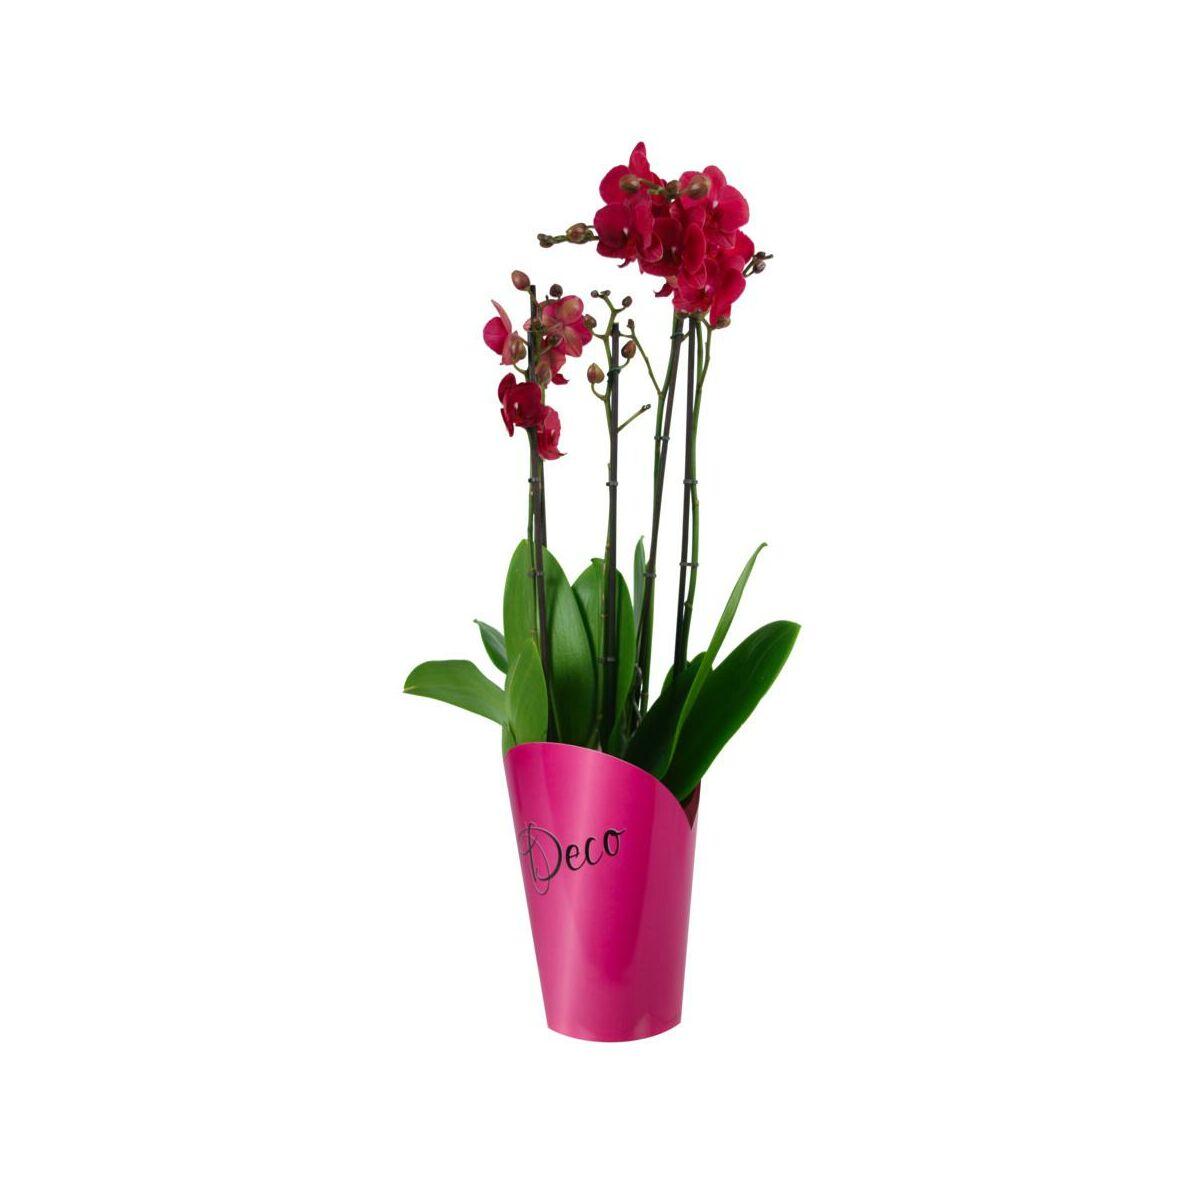 Storczyk Falenopsis 4 Pedy Mix 70 80 Cm Rosliny Kwitnace W Atrakcyjnej Cenie W Sklepach Leroy Merlin